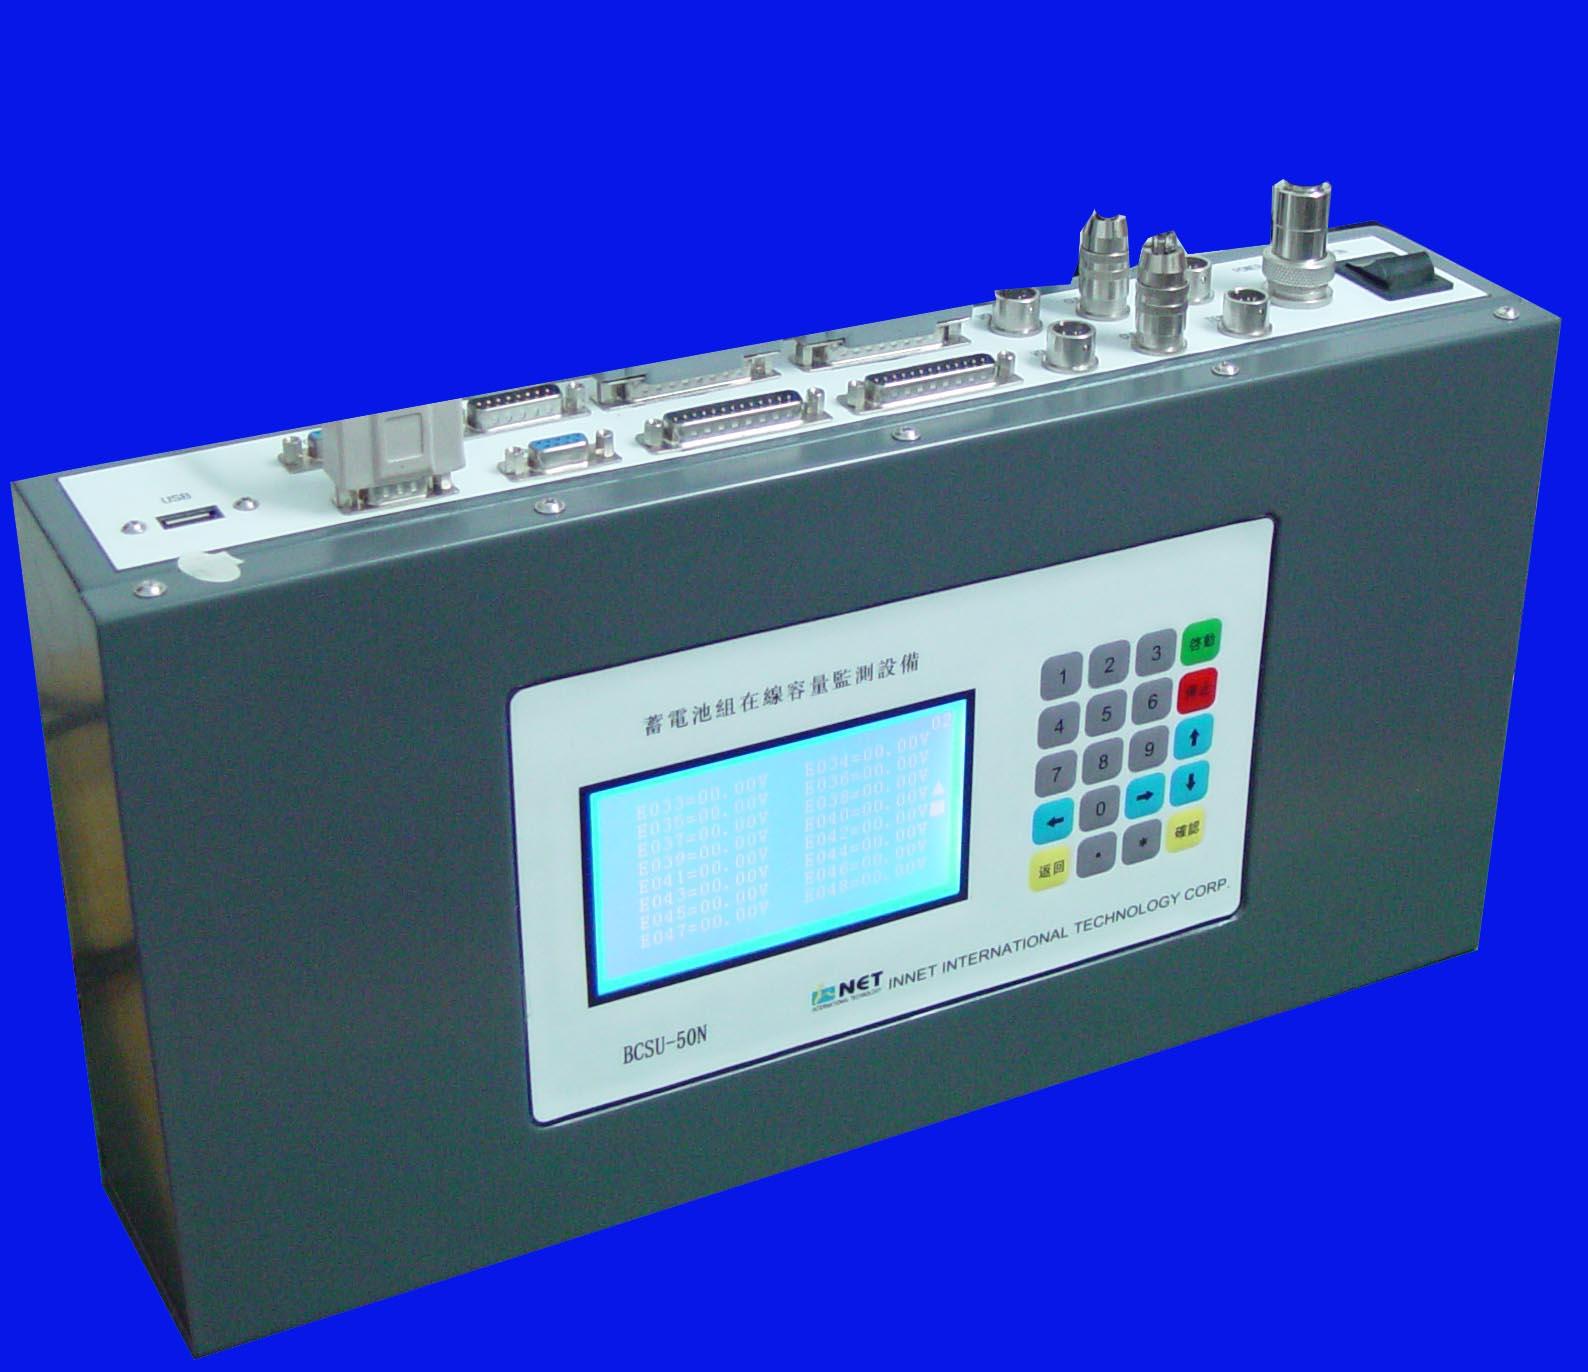 蓄电池智能放电监测仪 bcsu-50w